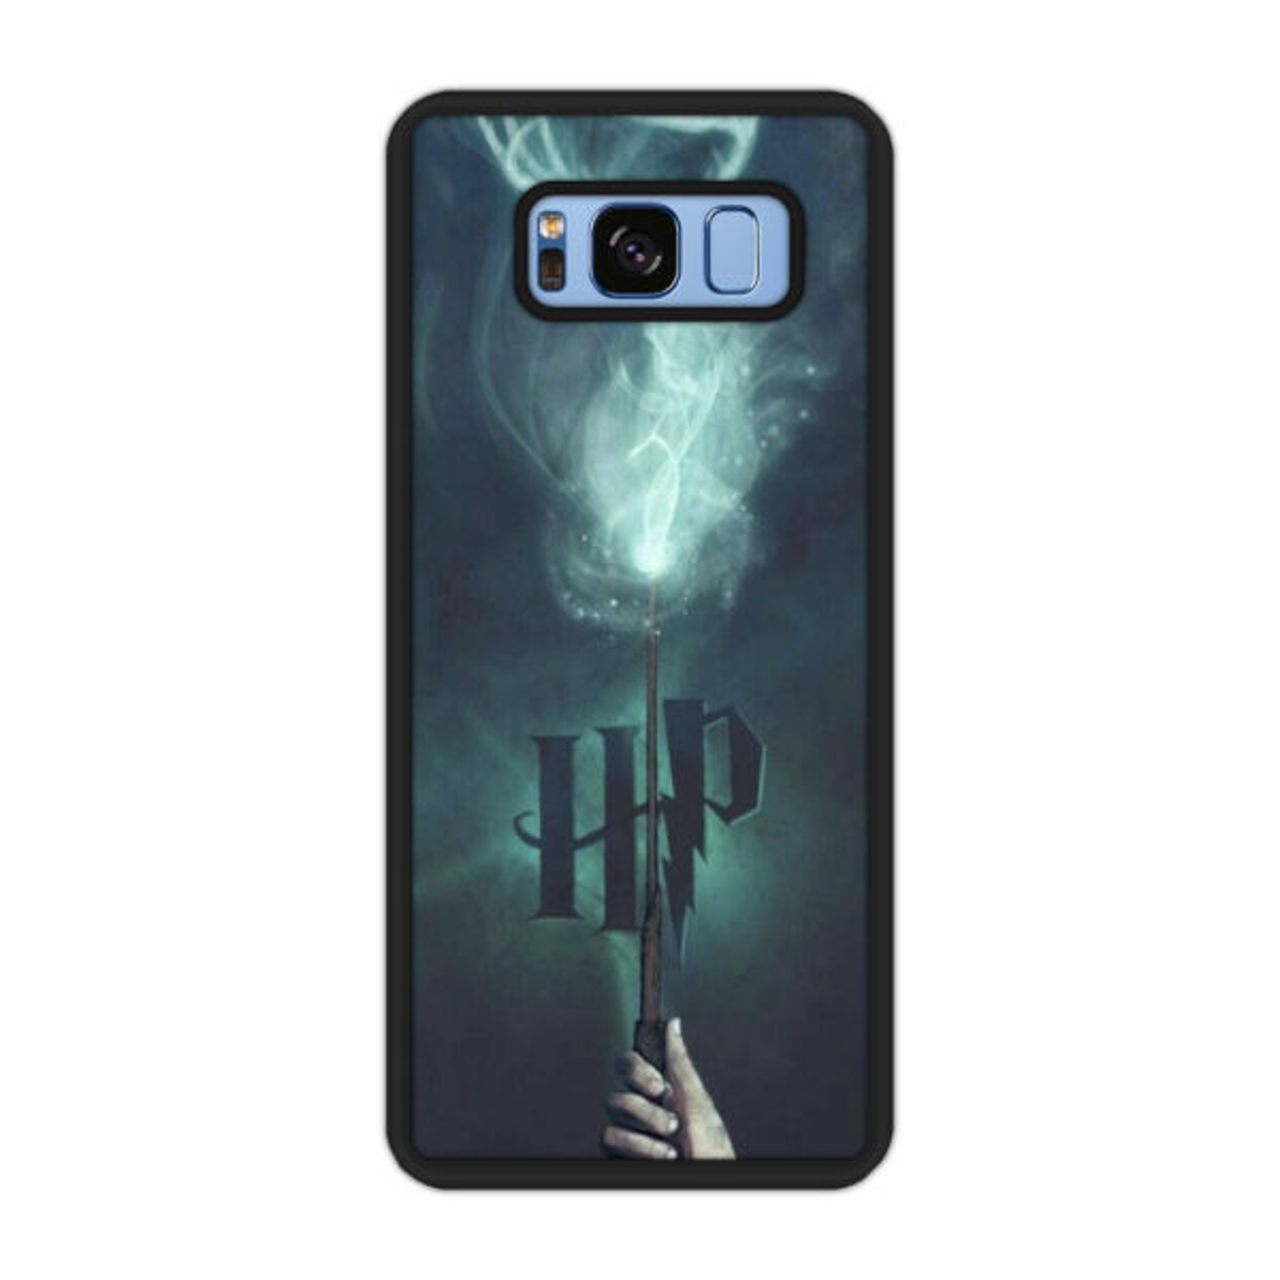 کاور آکام مدل AS81552 مناسب برای گوشی موبایل سامسونگ Galaxy S8